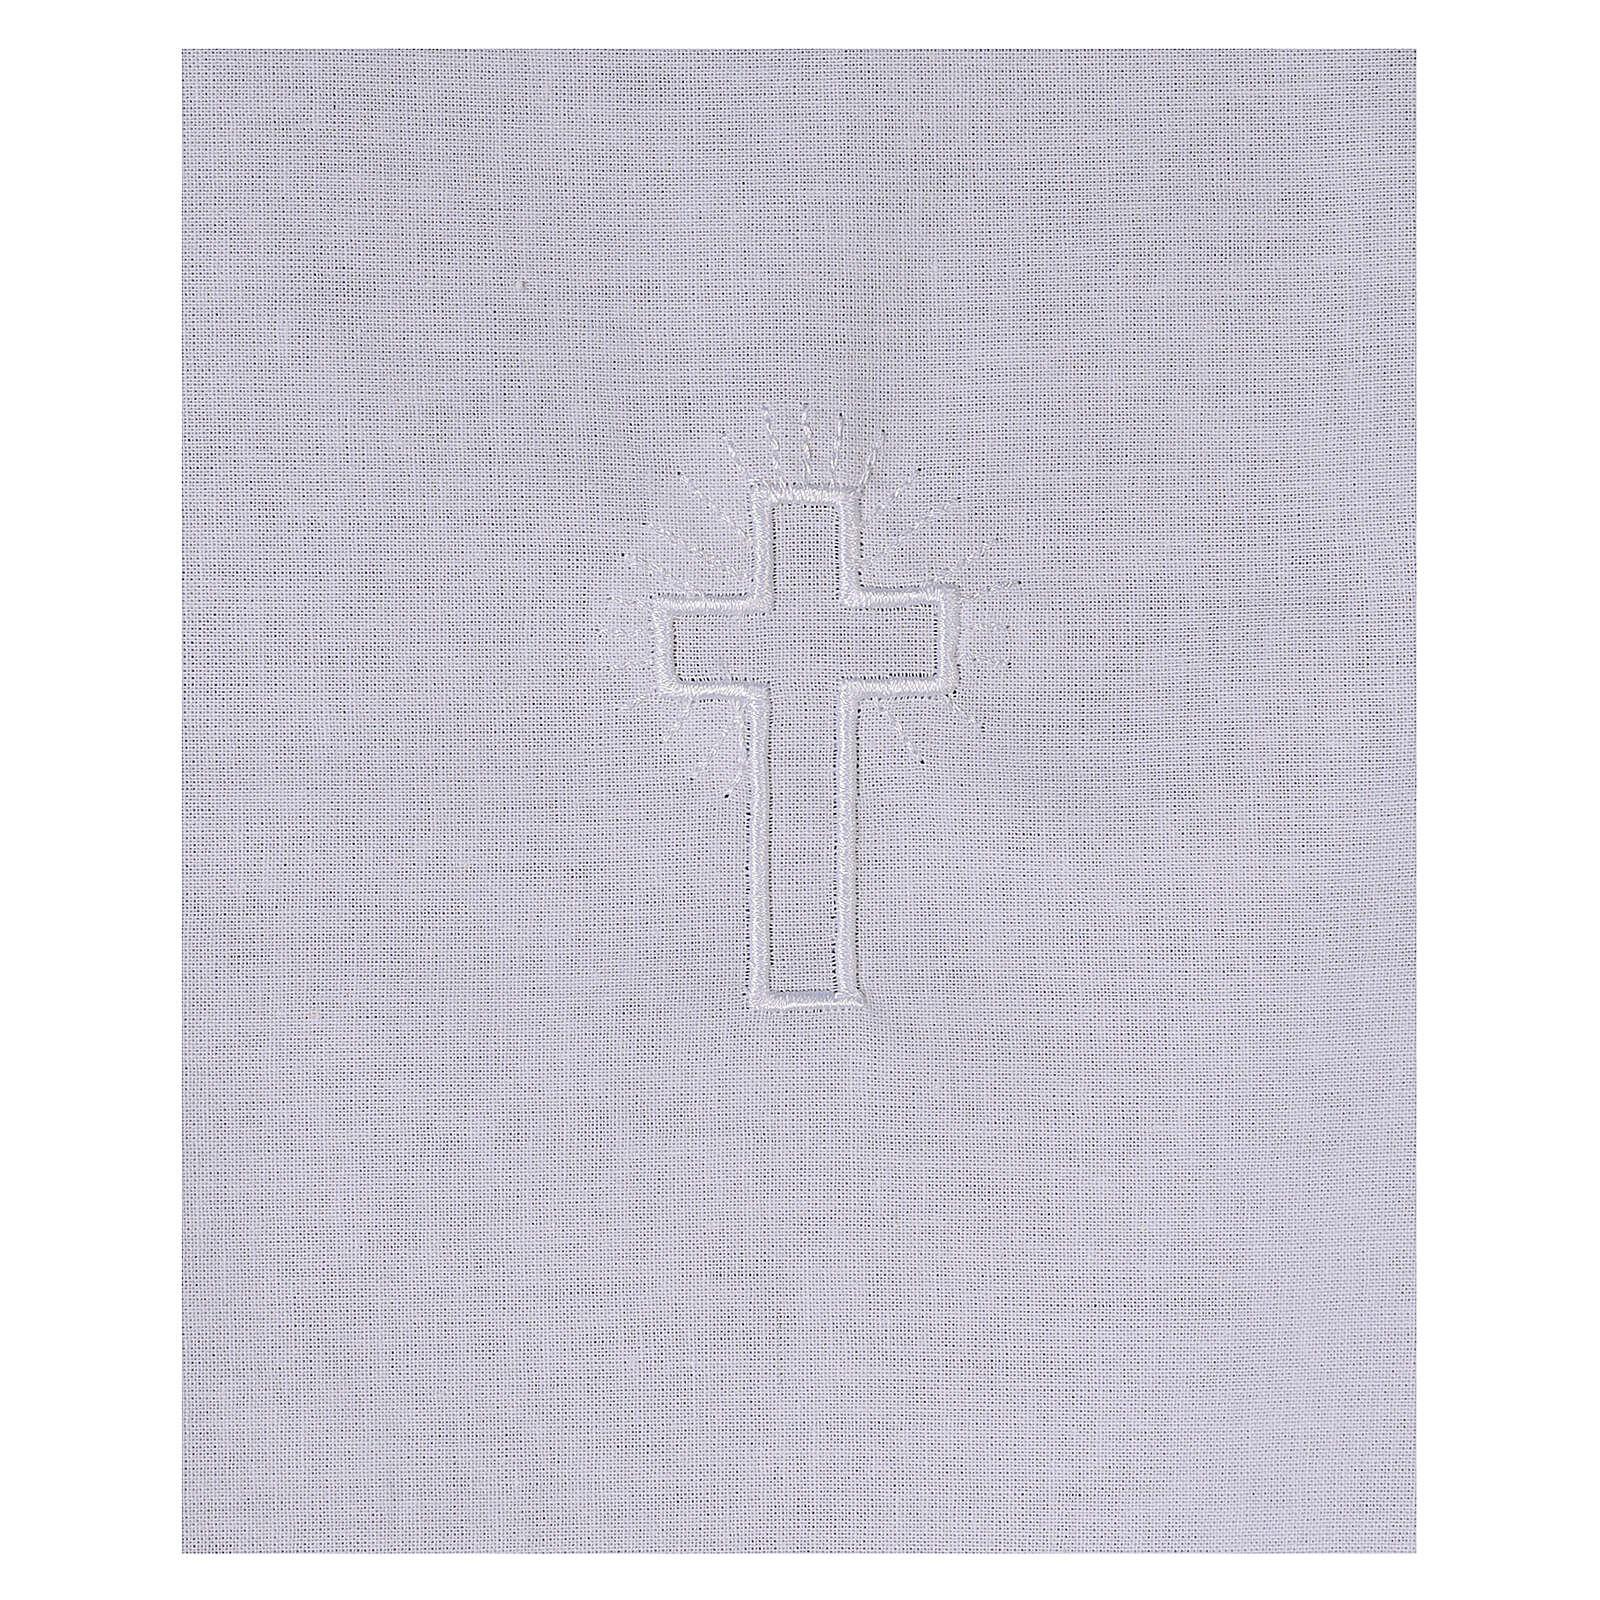 Amito de algodón con cruz blanca bordada 4